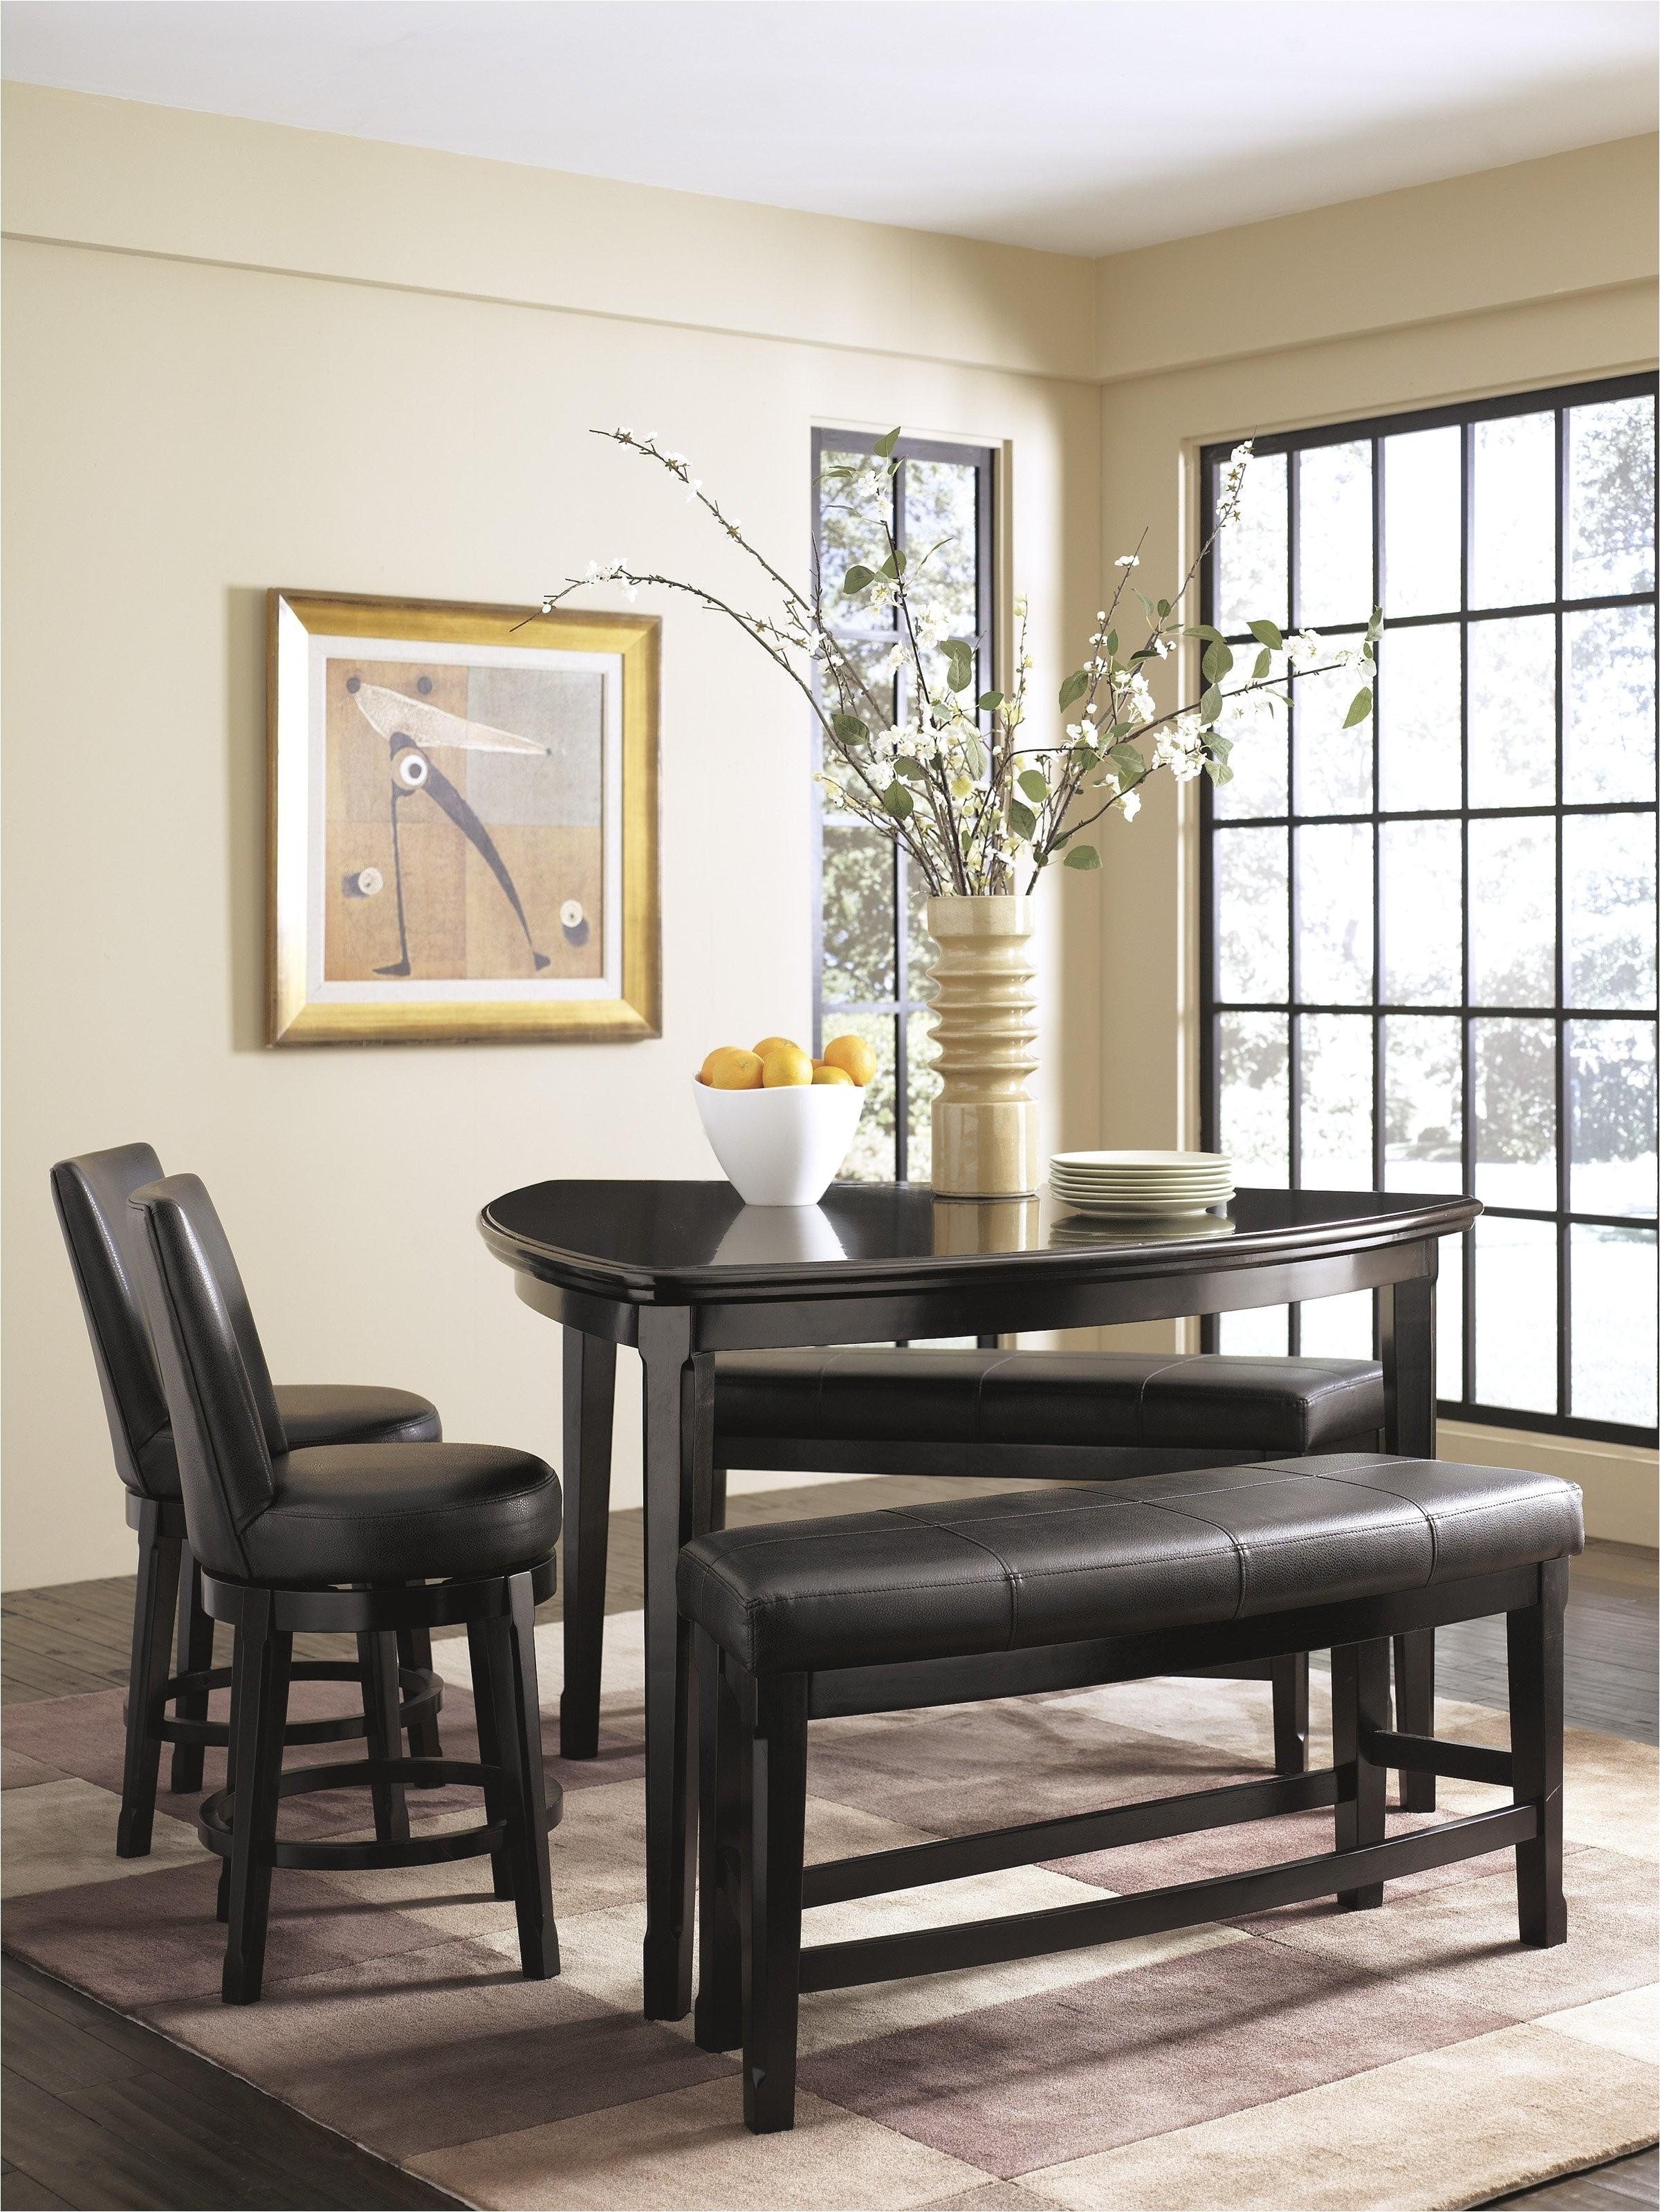 Ponderosa Furniture El Paso Ponderosa Furniture El Paso Furniture Walpaper